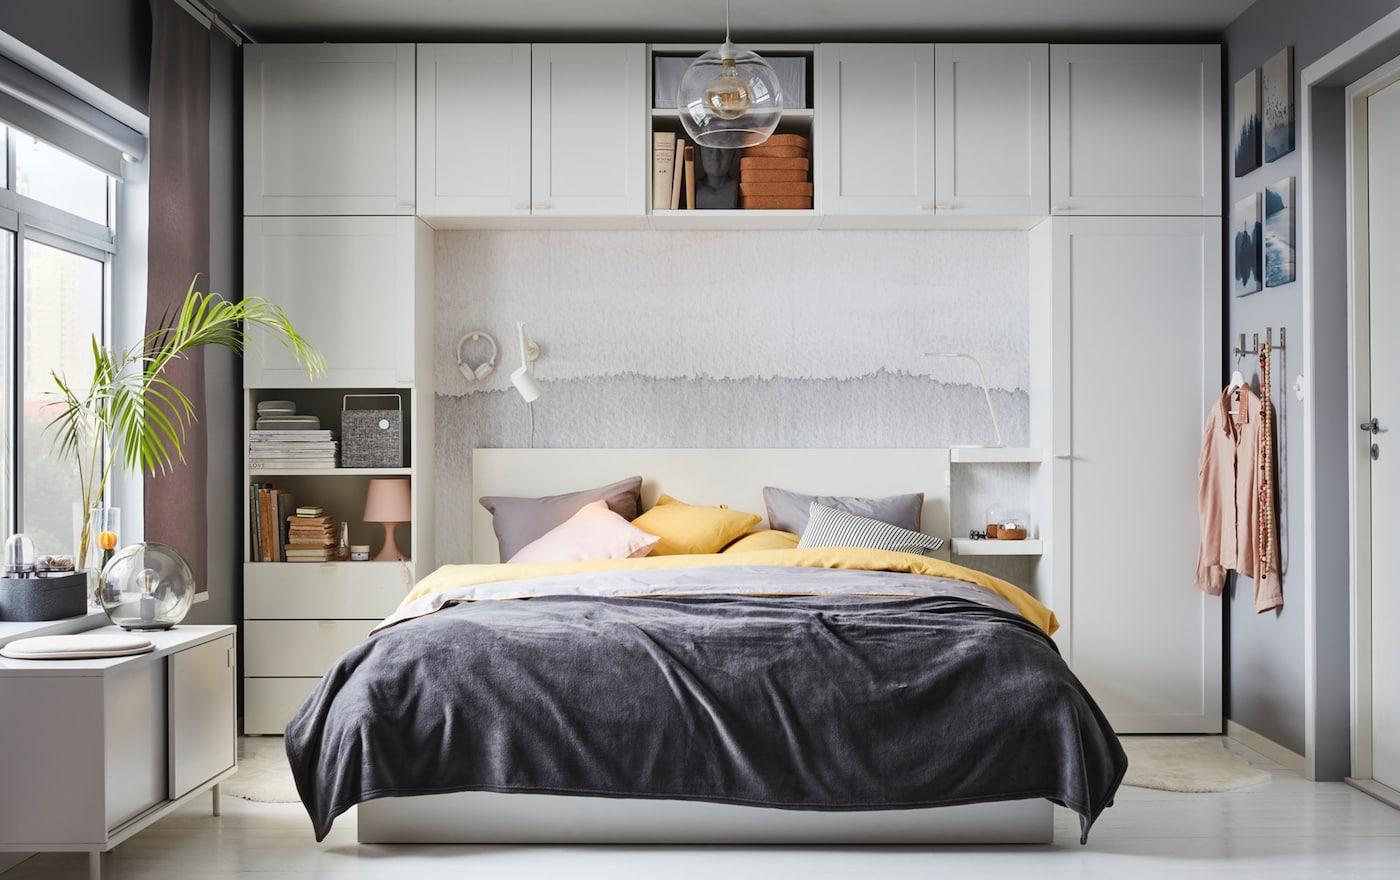 компания производит спальня с комодами вокруг кровати дизайн фото том, что